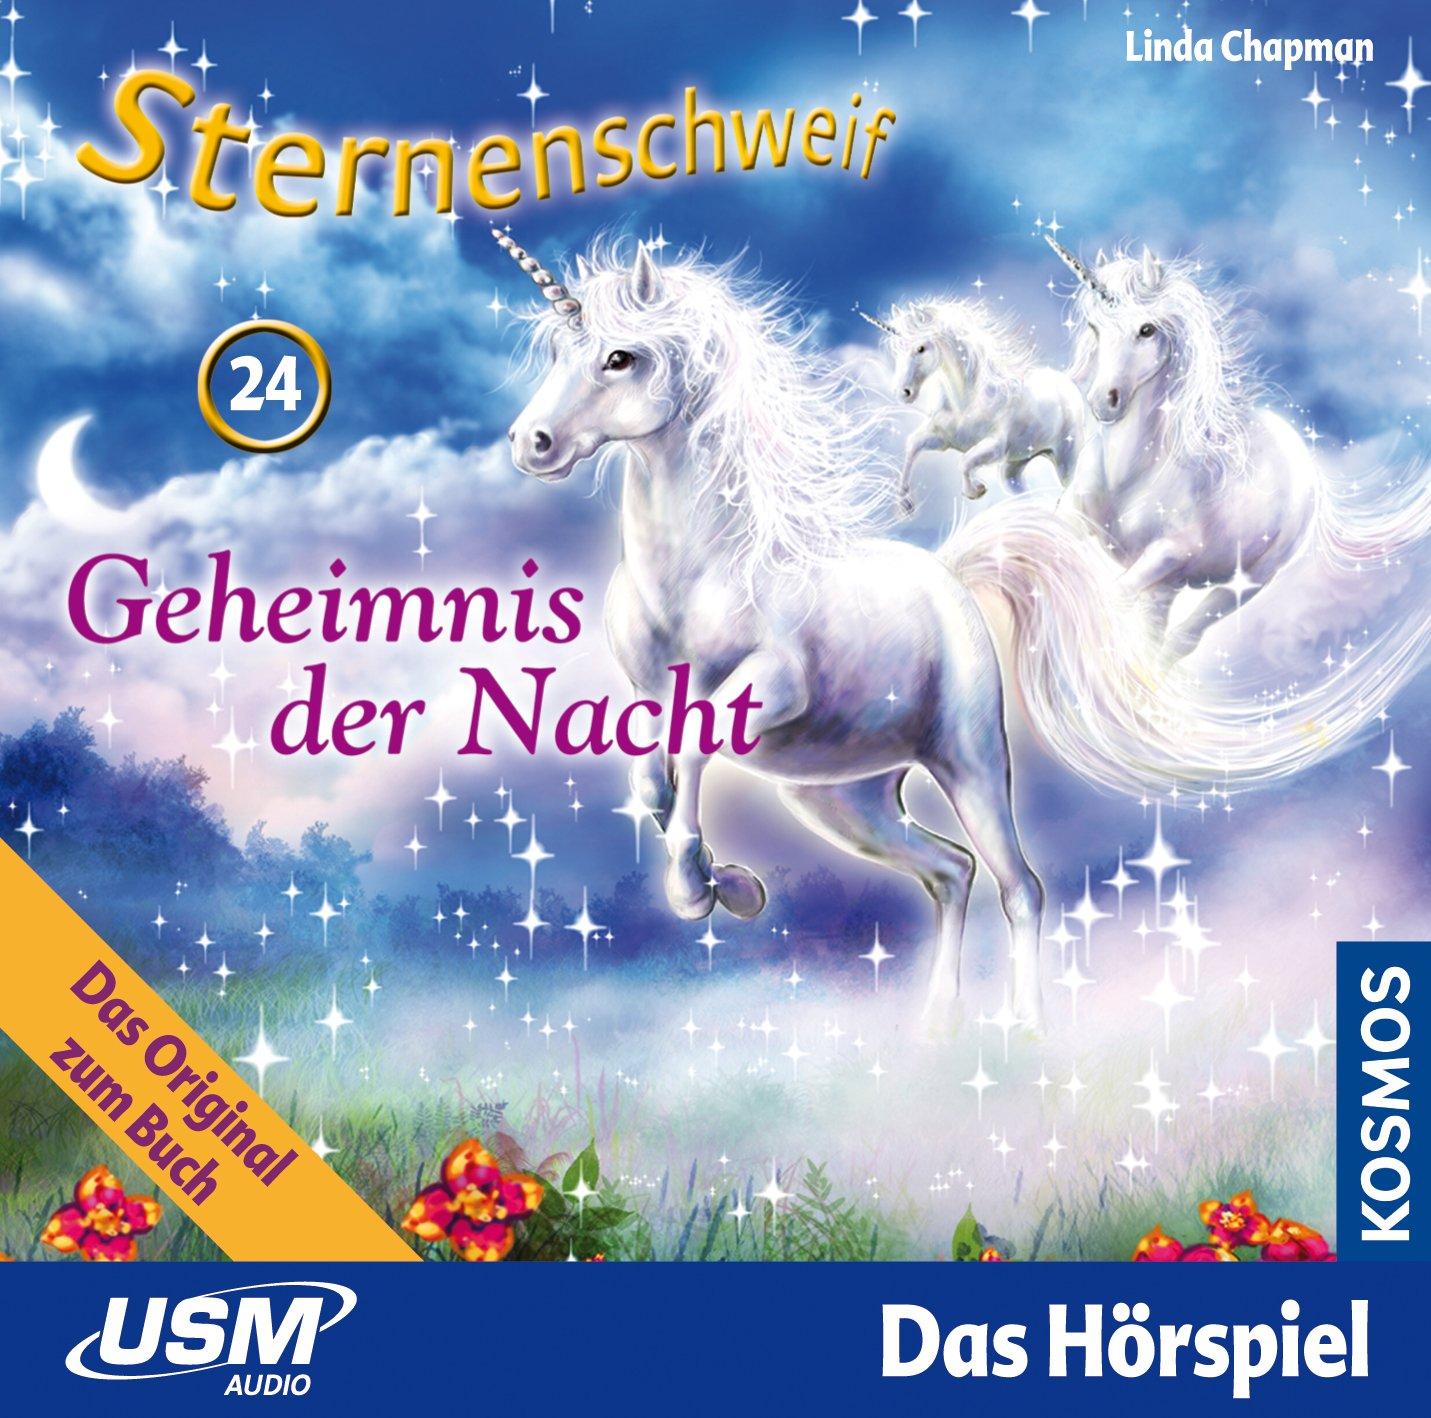 Sternenschweif (24) Geheimnis der Nacht (USM)